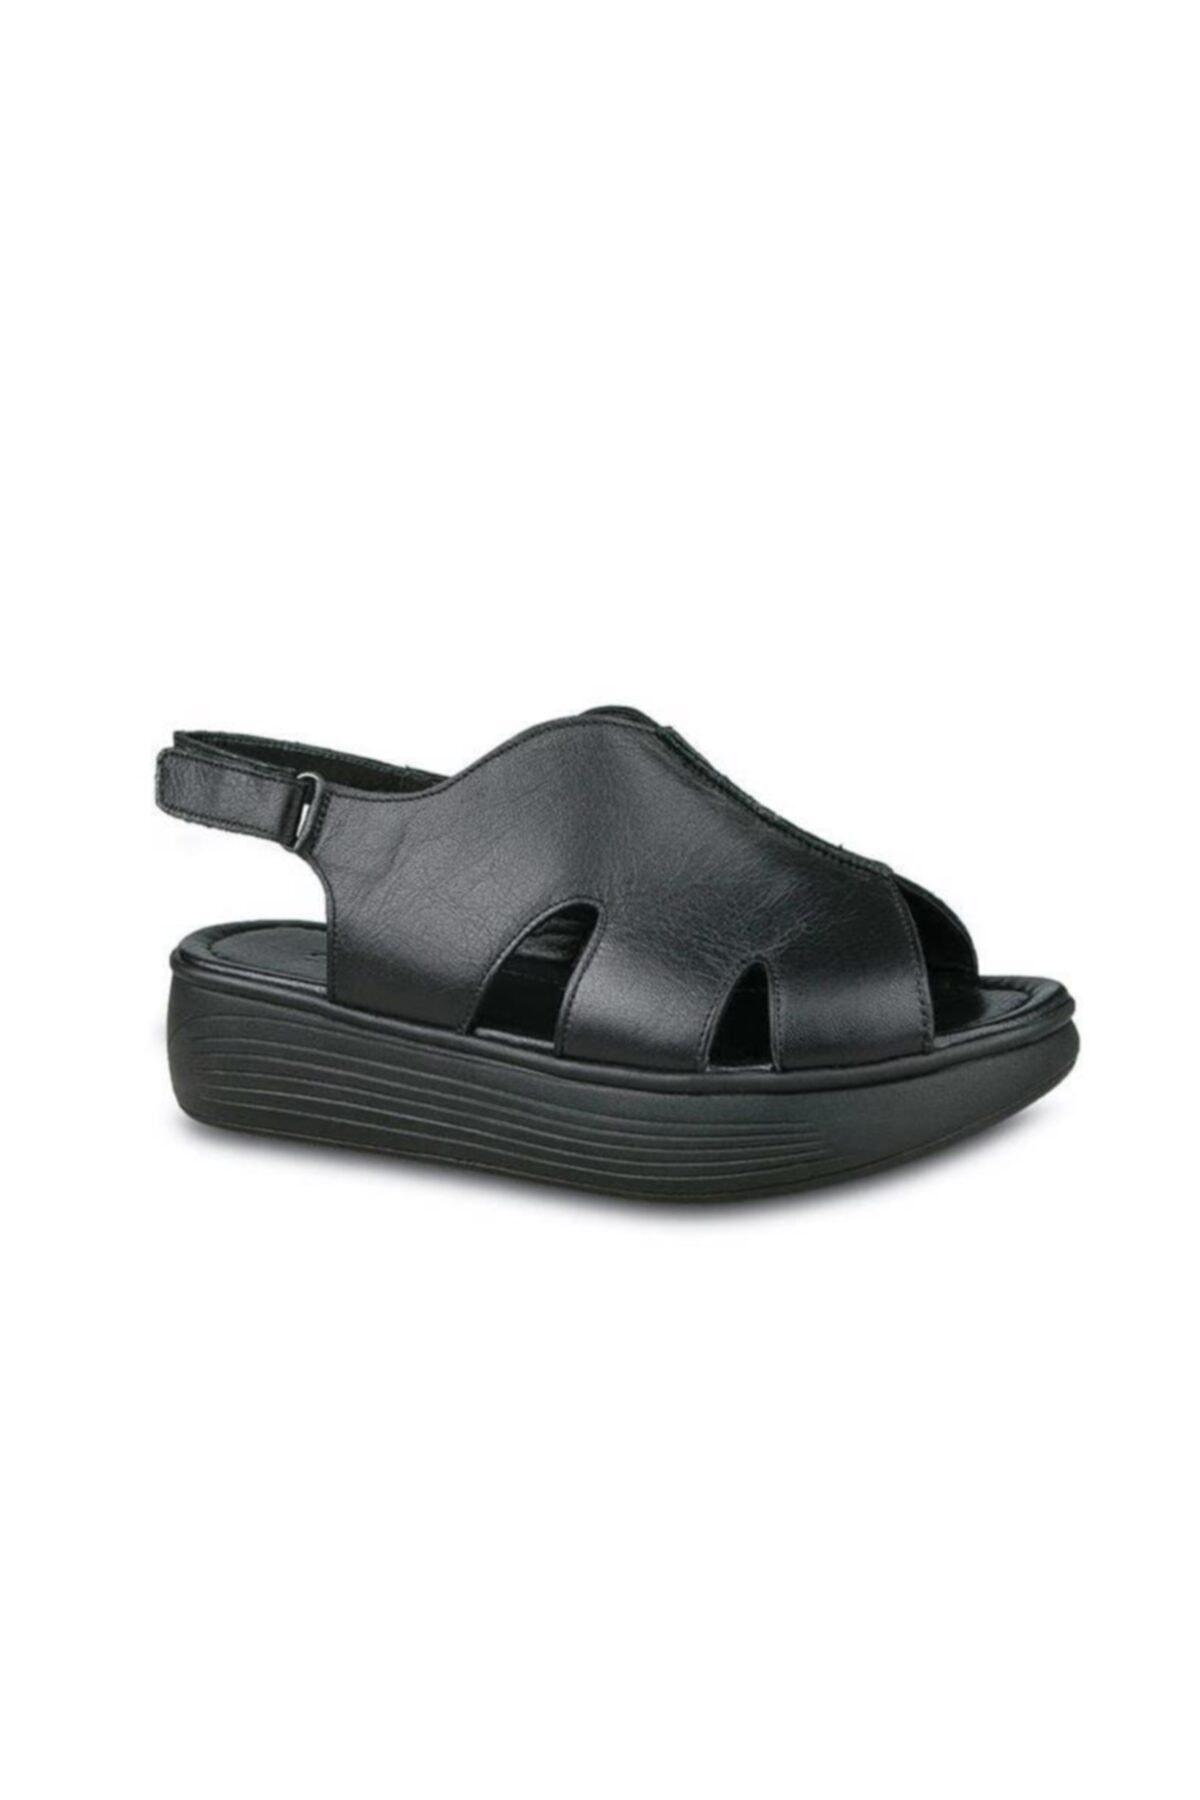 Ceyo 502 Hakiki Deri Anatomik Sandalet